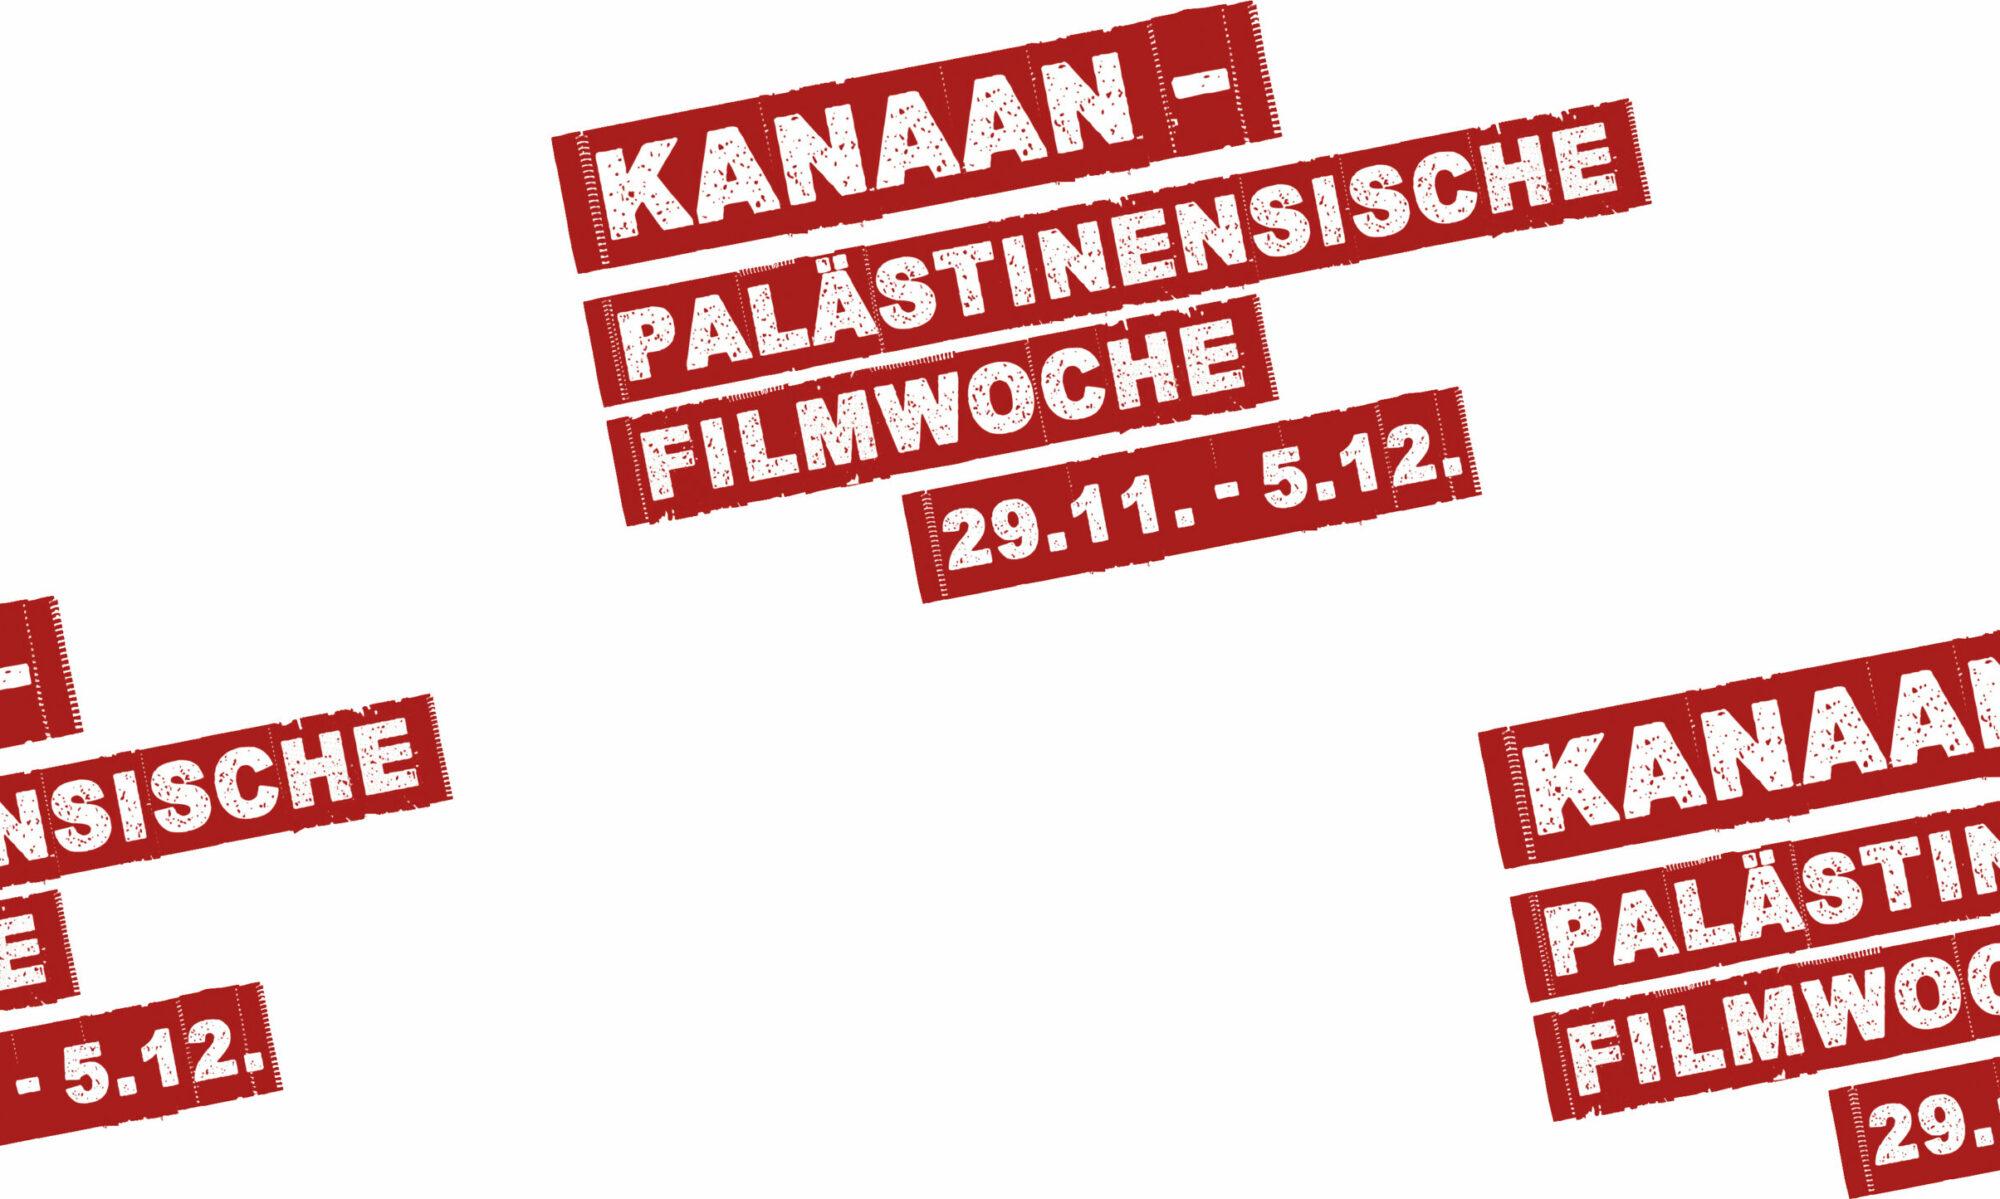 Palästinensische Filmwoche